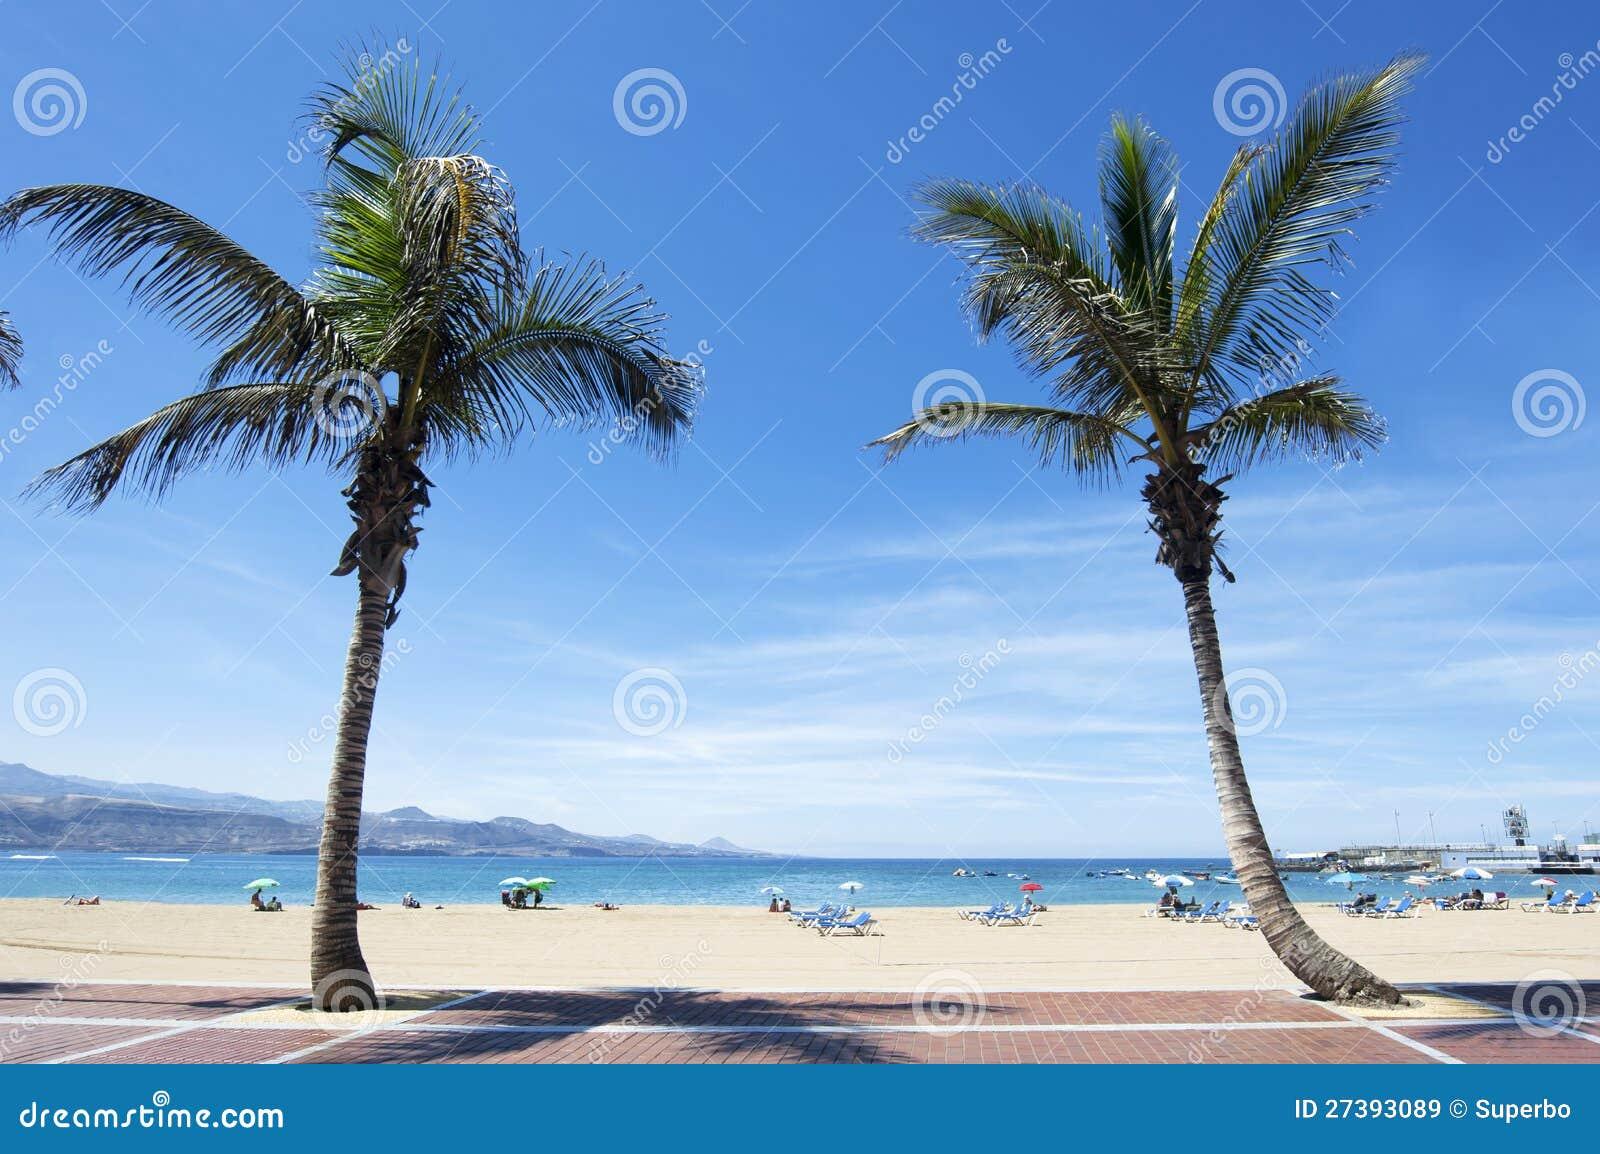 Spiaggia di canteras las palmas de gran canaria spagna - Fotografia las palmas ...